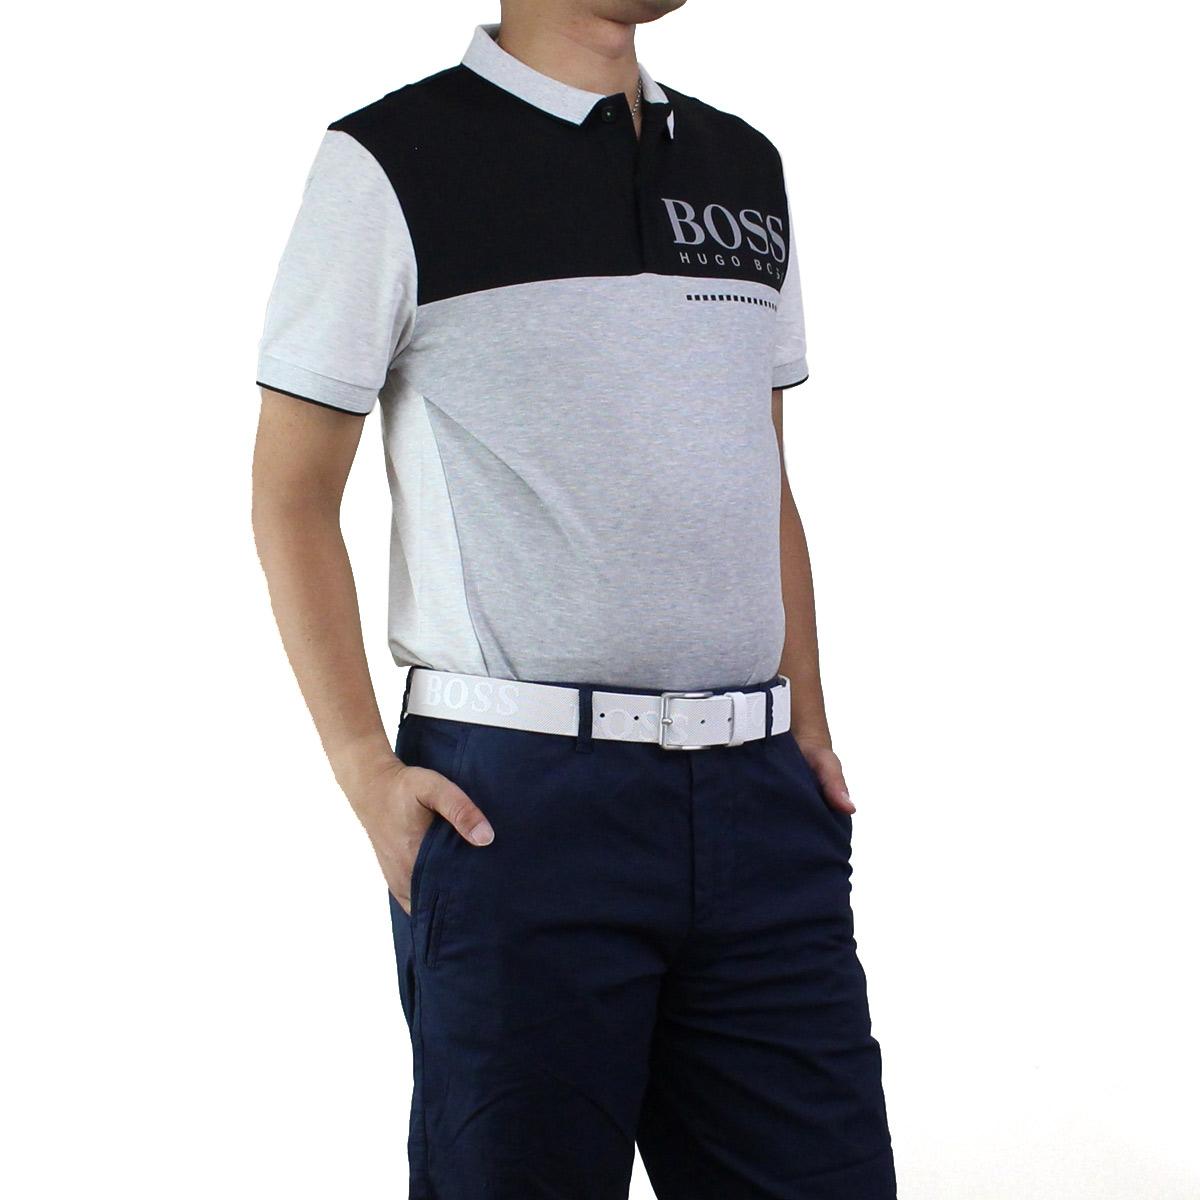 ヒューゴ ボス HUGO BOSS PL-TECH メンズ ロゴ入り バイカラー ポロシャツ 半袖 ゴルフウェア 50399317 10208645 057 ブラック、グレー系 メンズ【キャッシュレス 5% 還元】